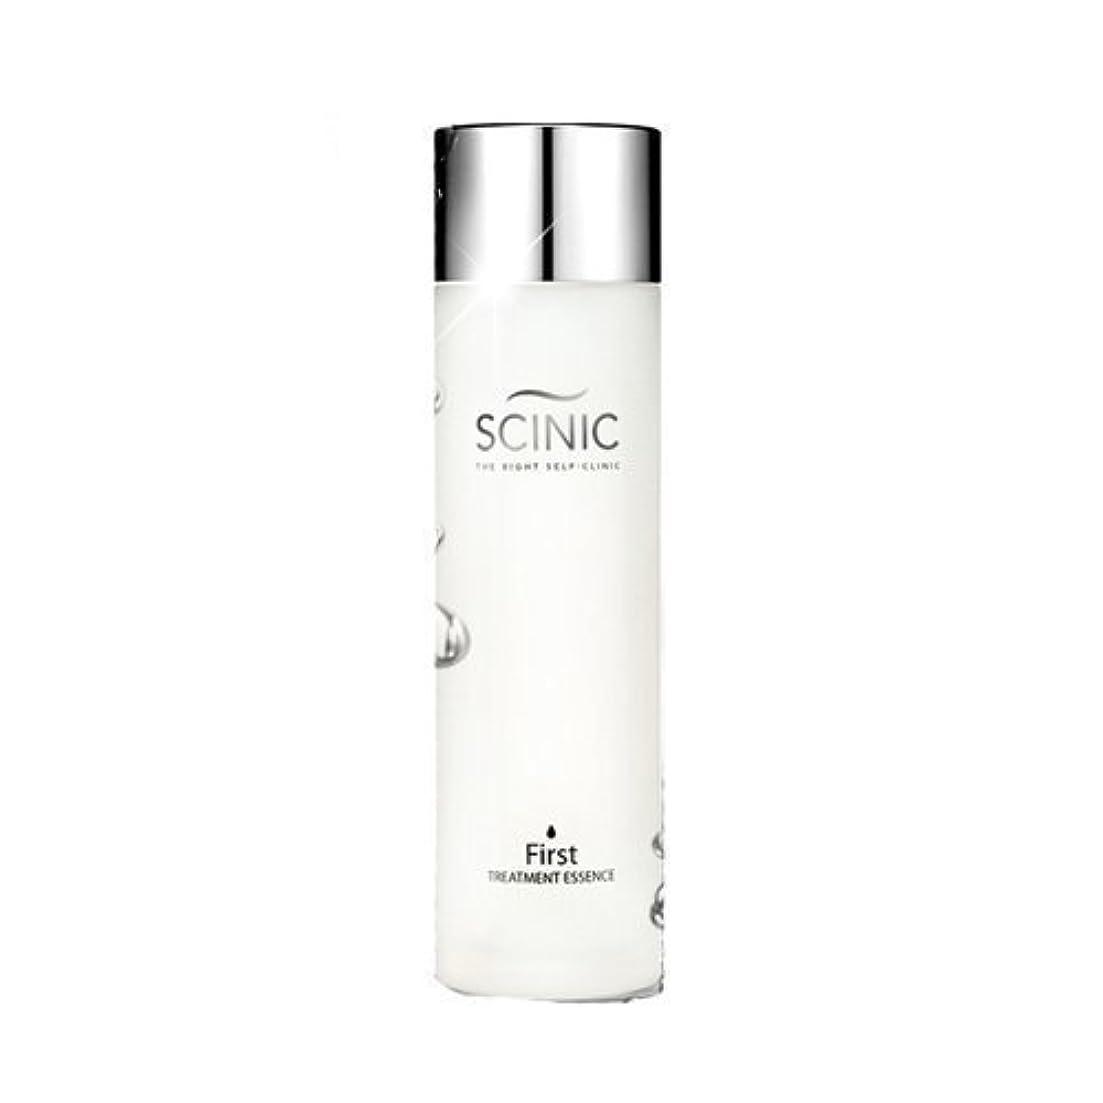 個人シリンダーヘロインSCINIC First Treatment Yeast Essence Galactomyces Whitening Anti-Wrinkle 150ml